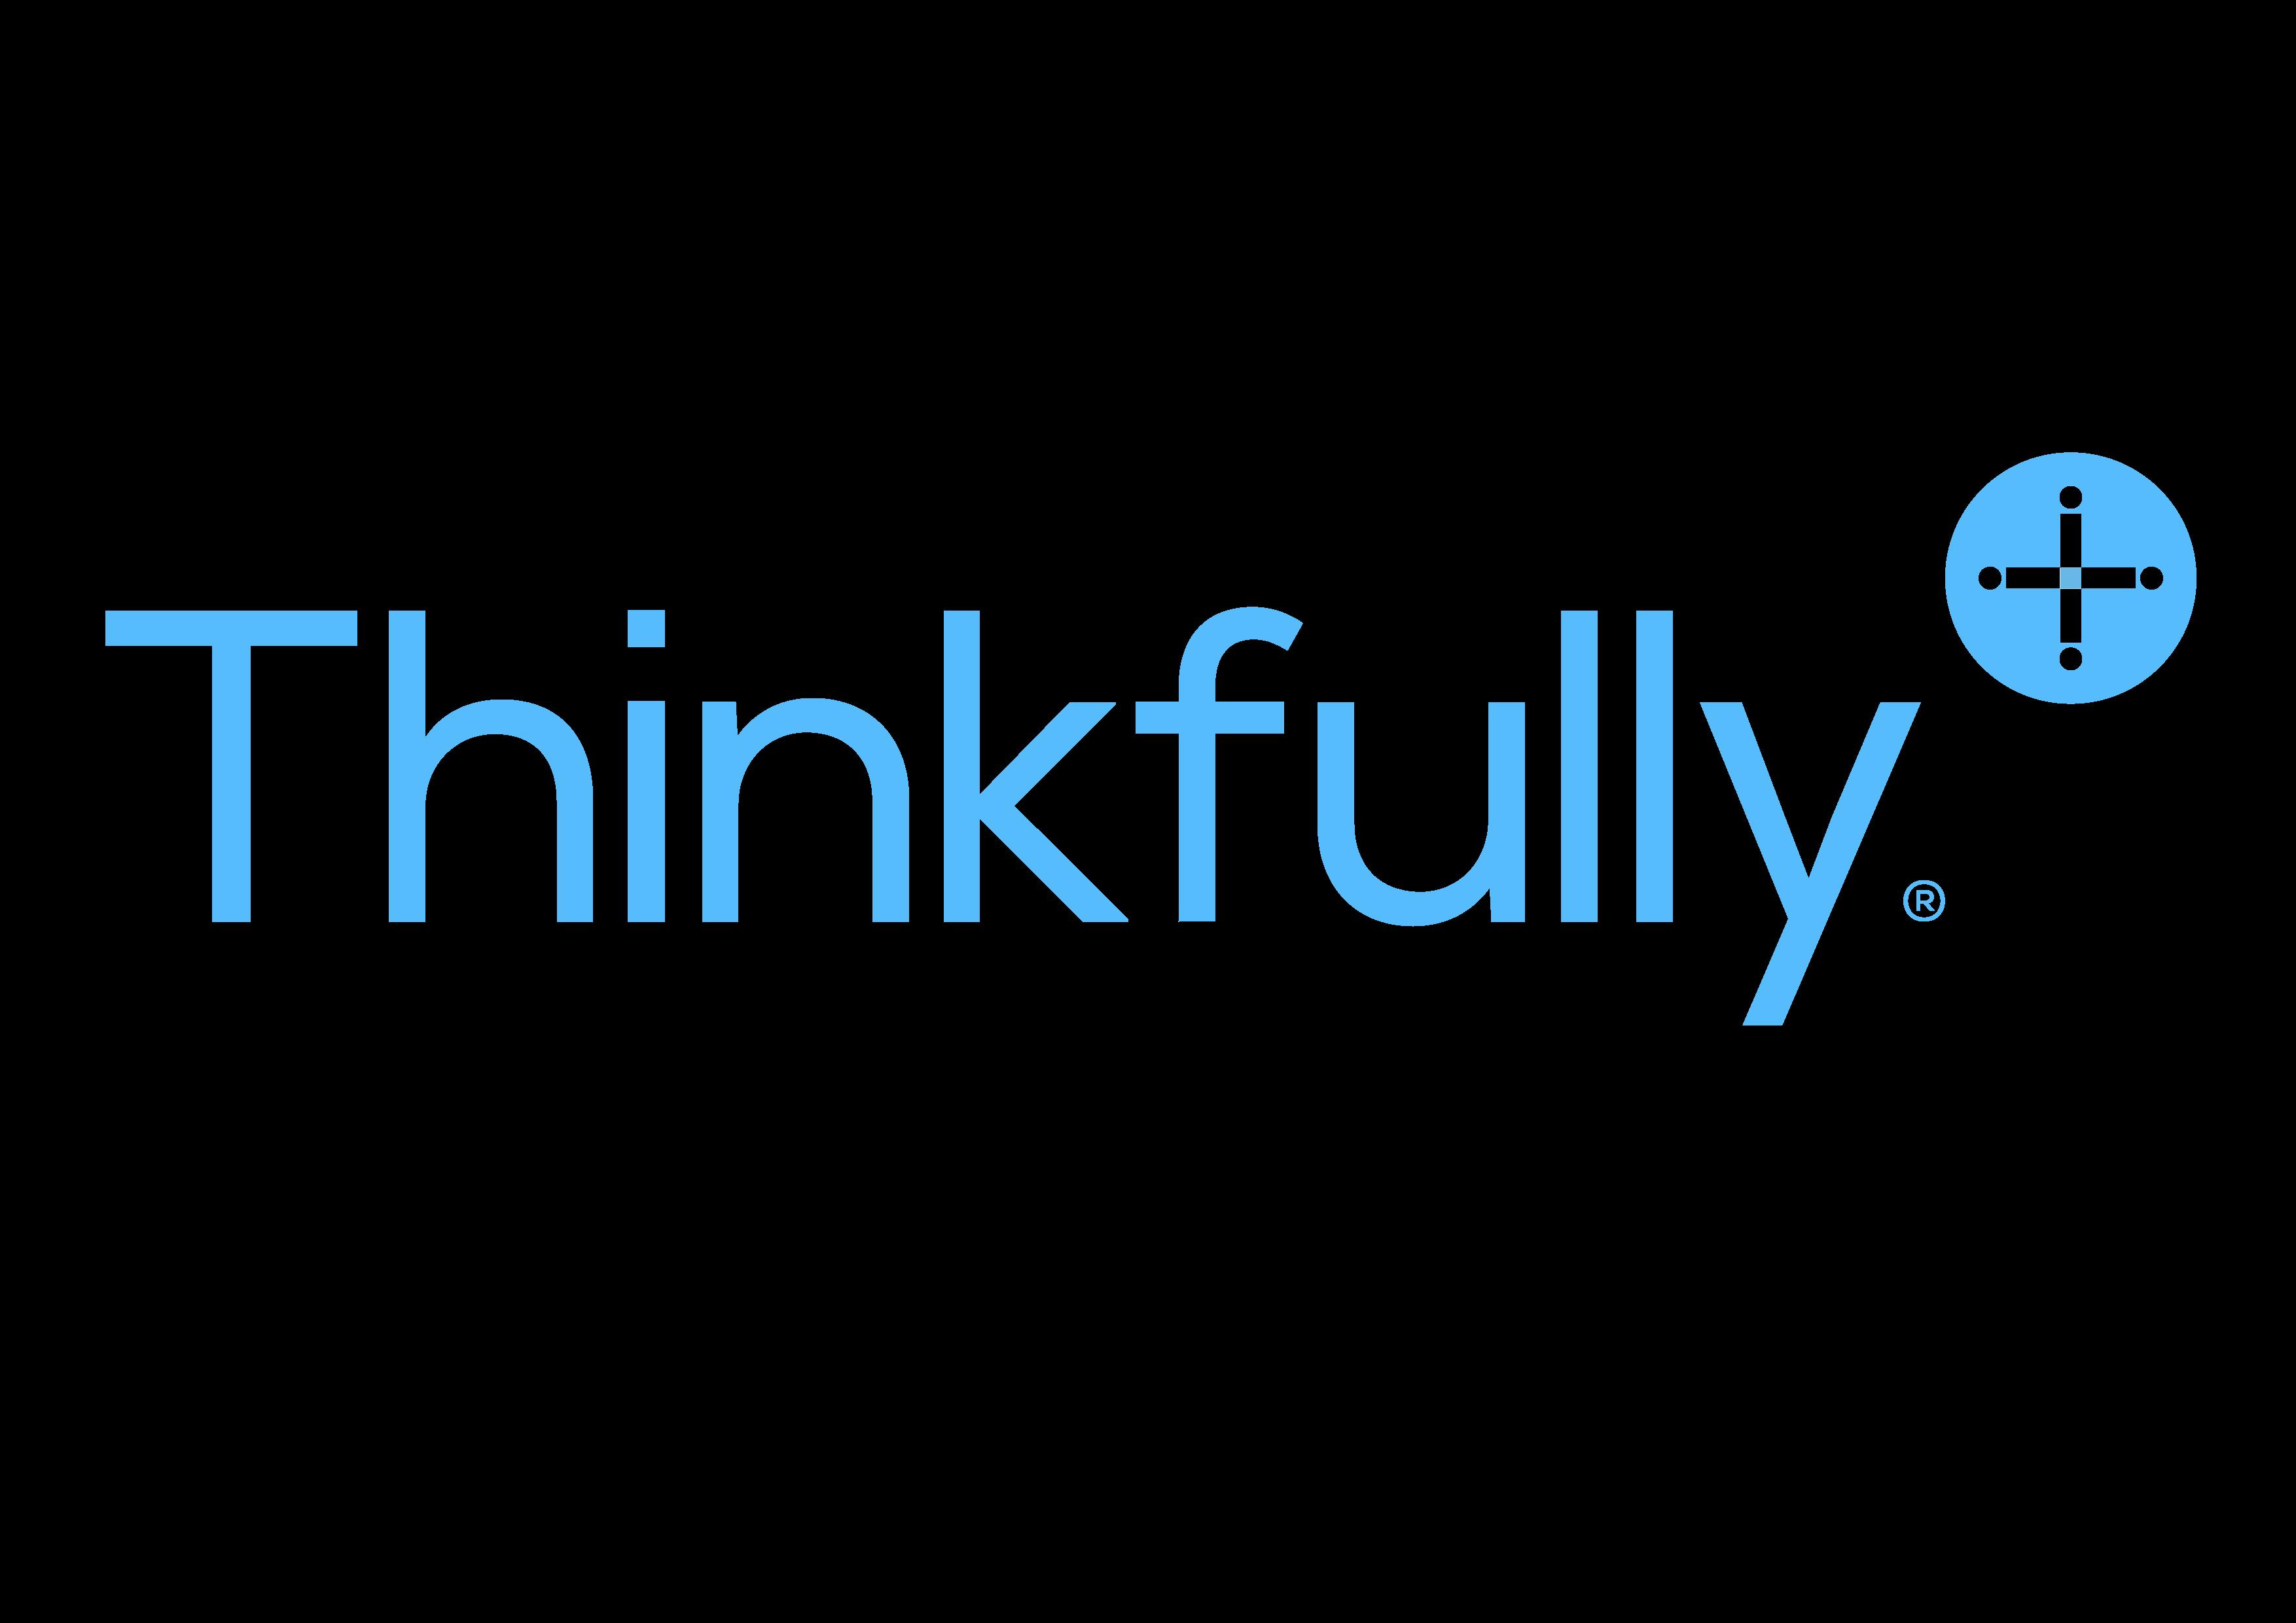 Thinkfully L_blue_R